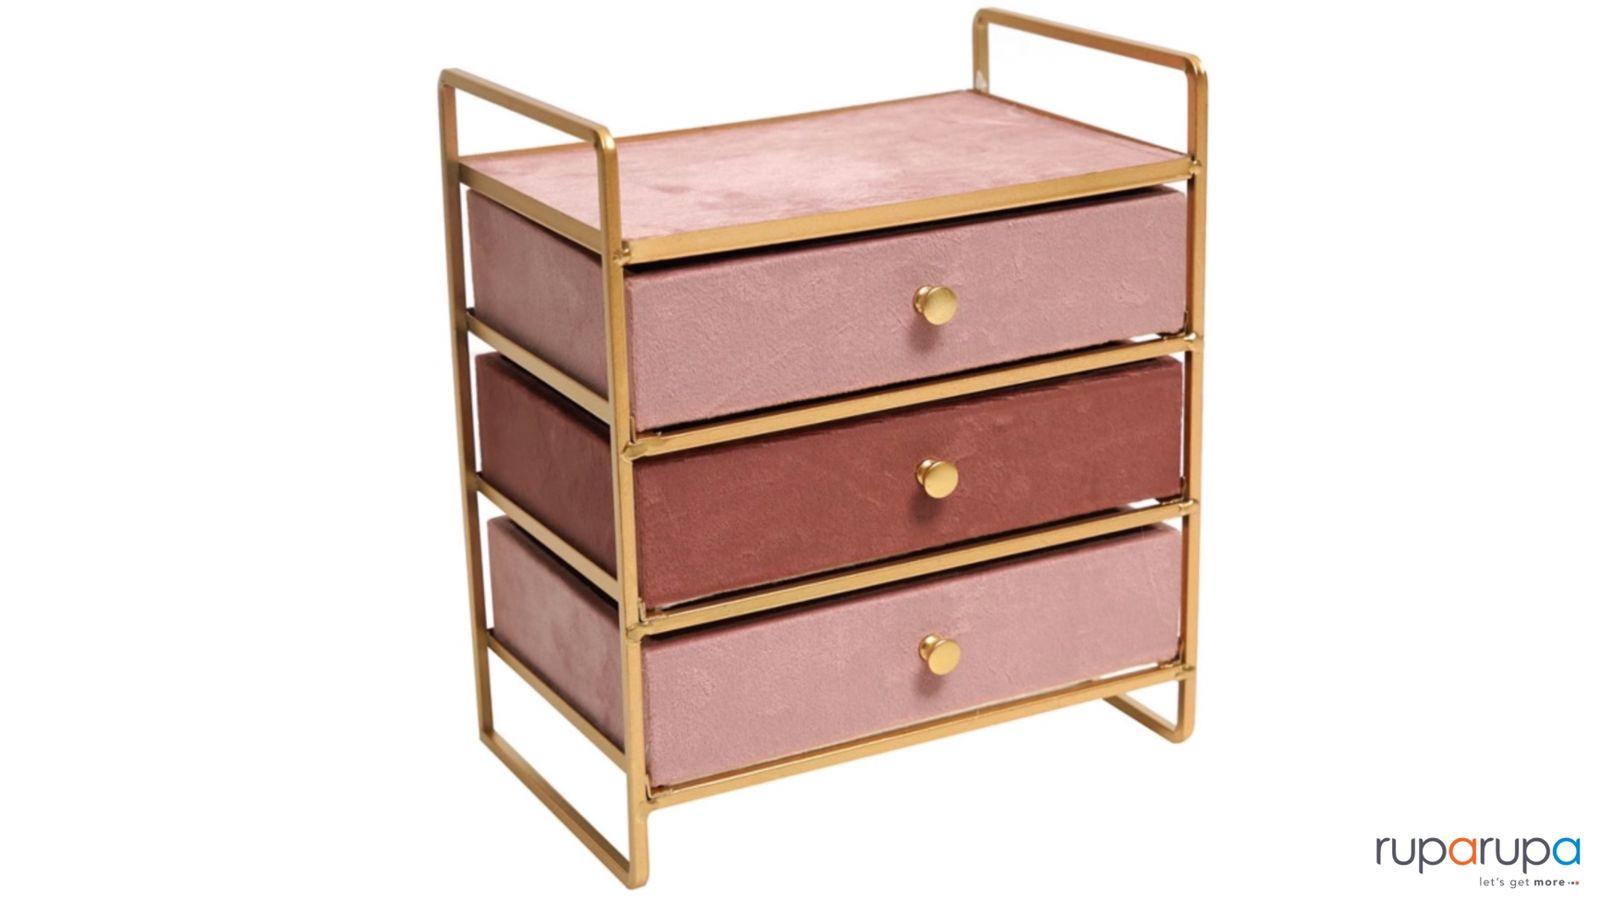 Kotak Perhiasan 3 Laci 21.5x14x24.5cm